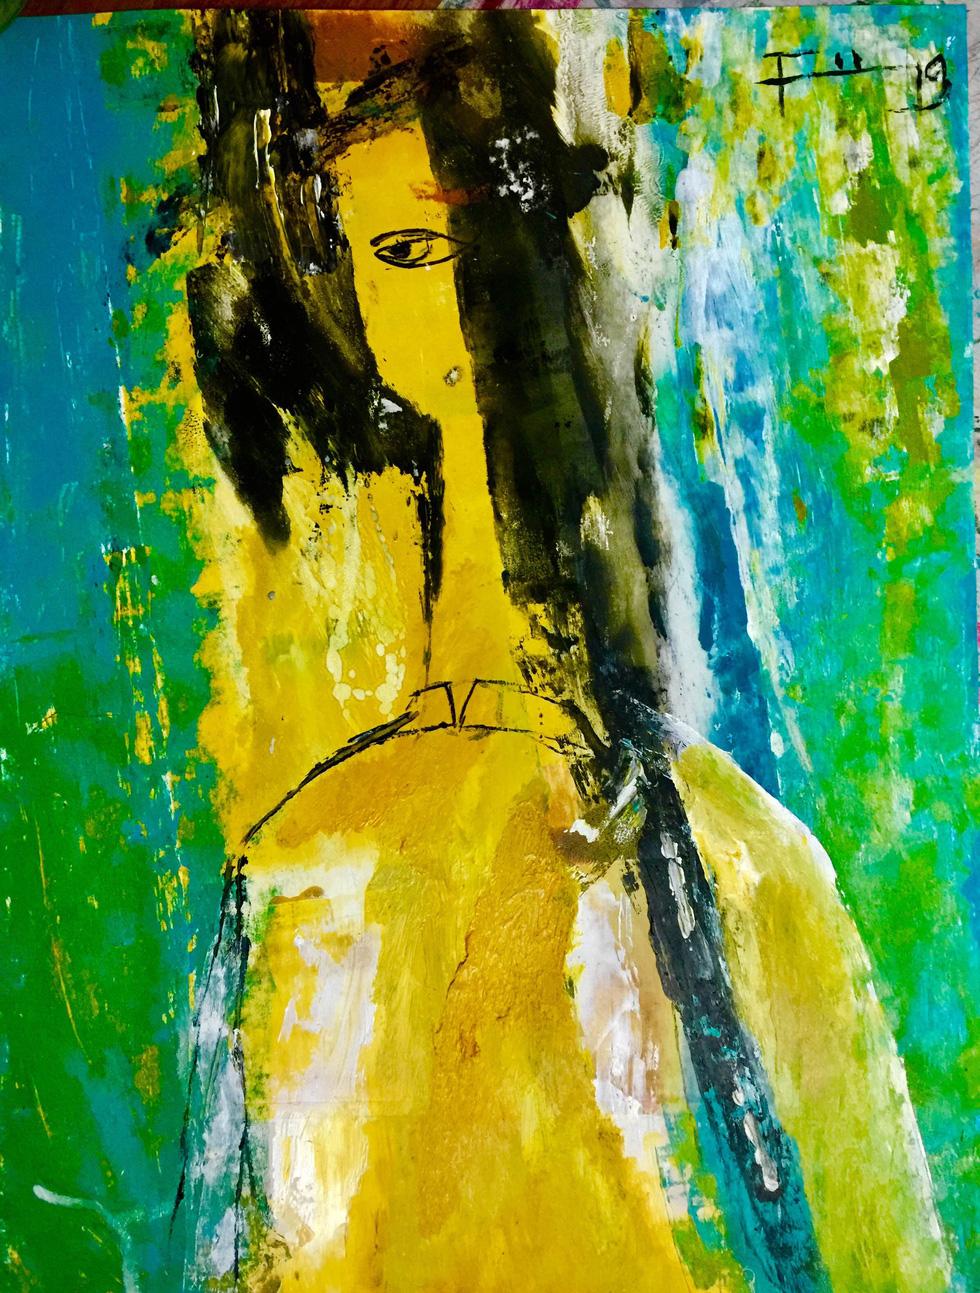 Xem tranh, ảnh đẹp như thơ trong triển lãm Chuyện áo dài - Ảnh 11.